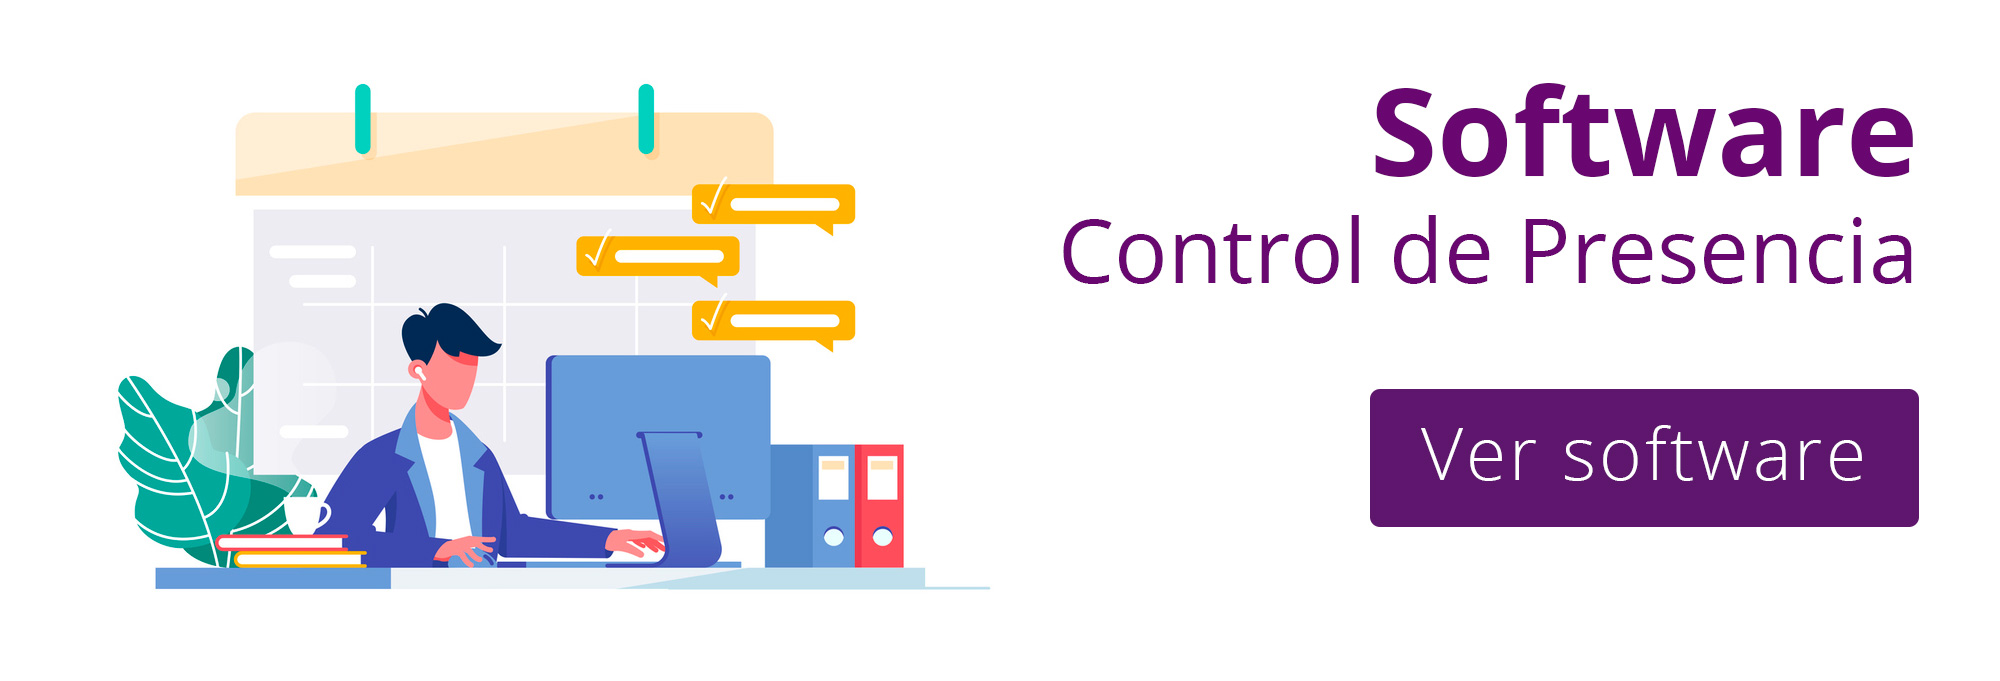 software control de presencia